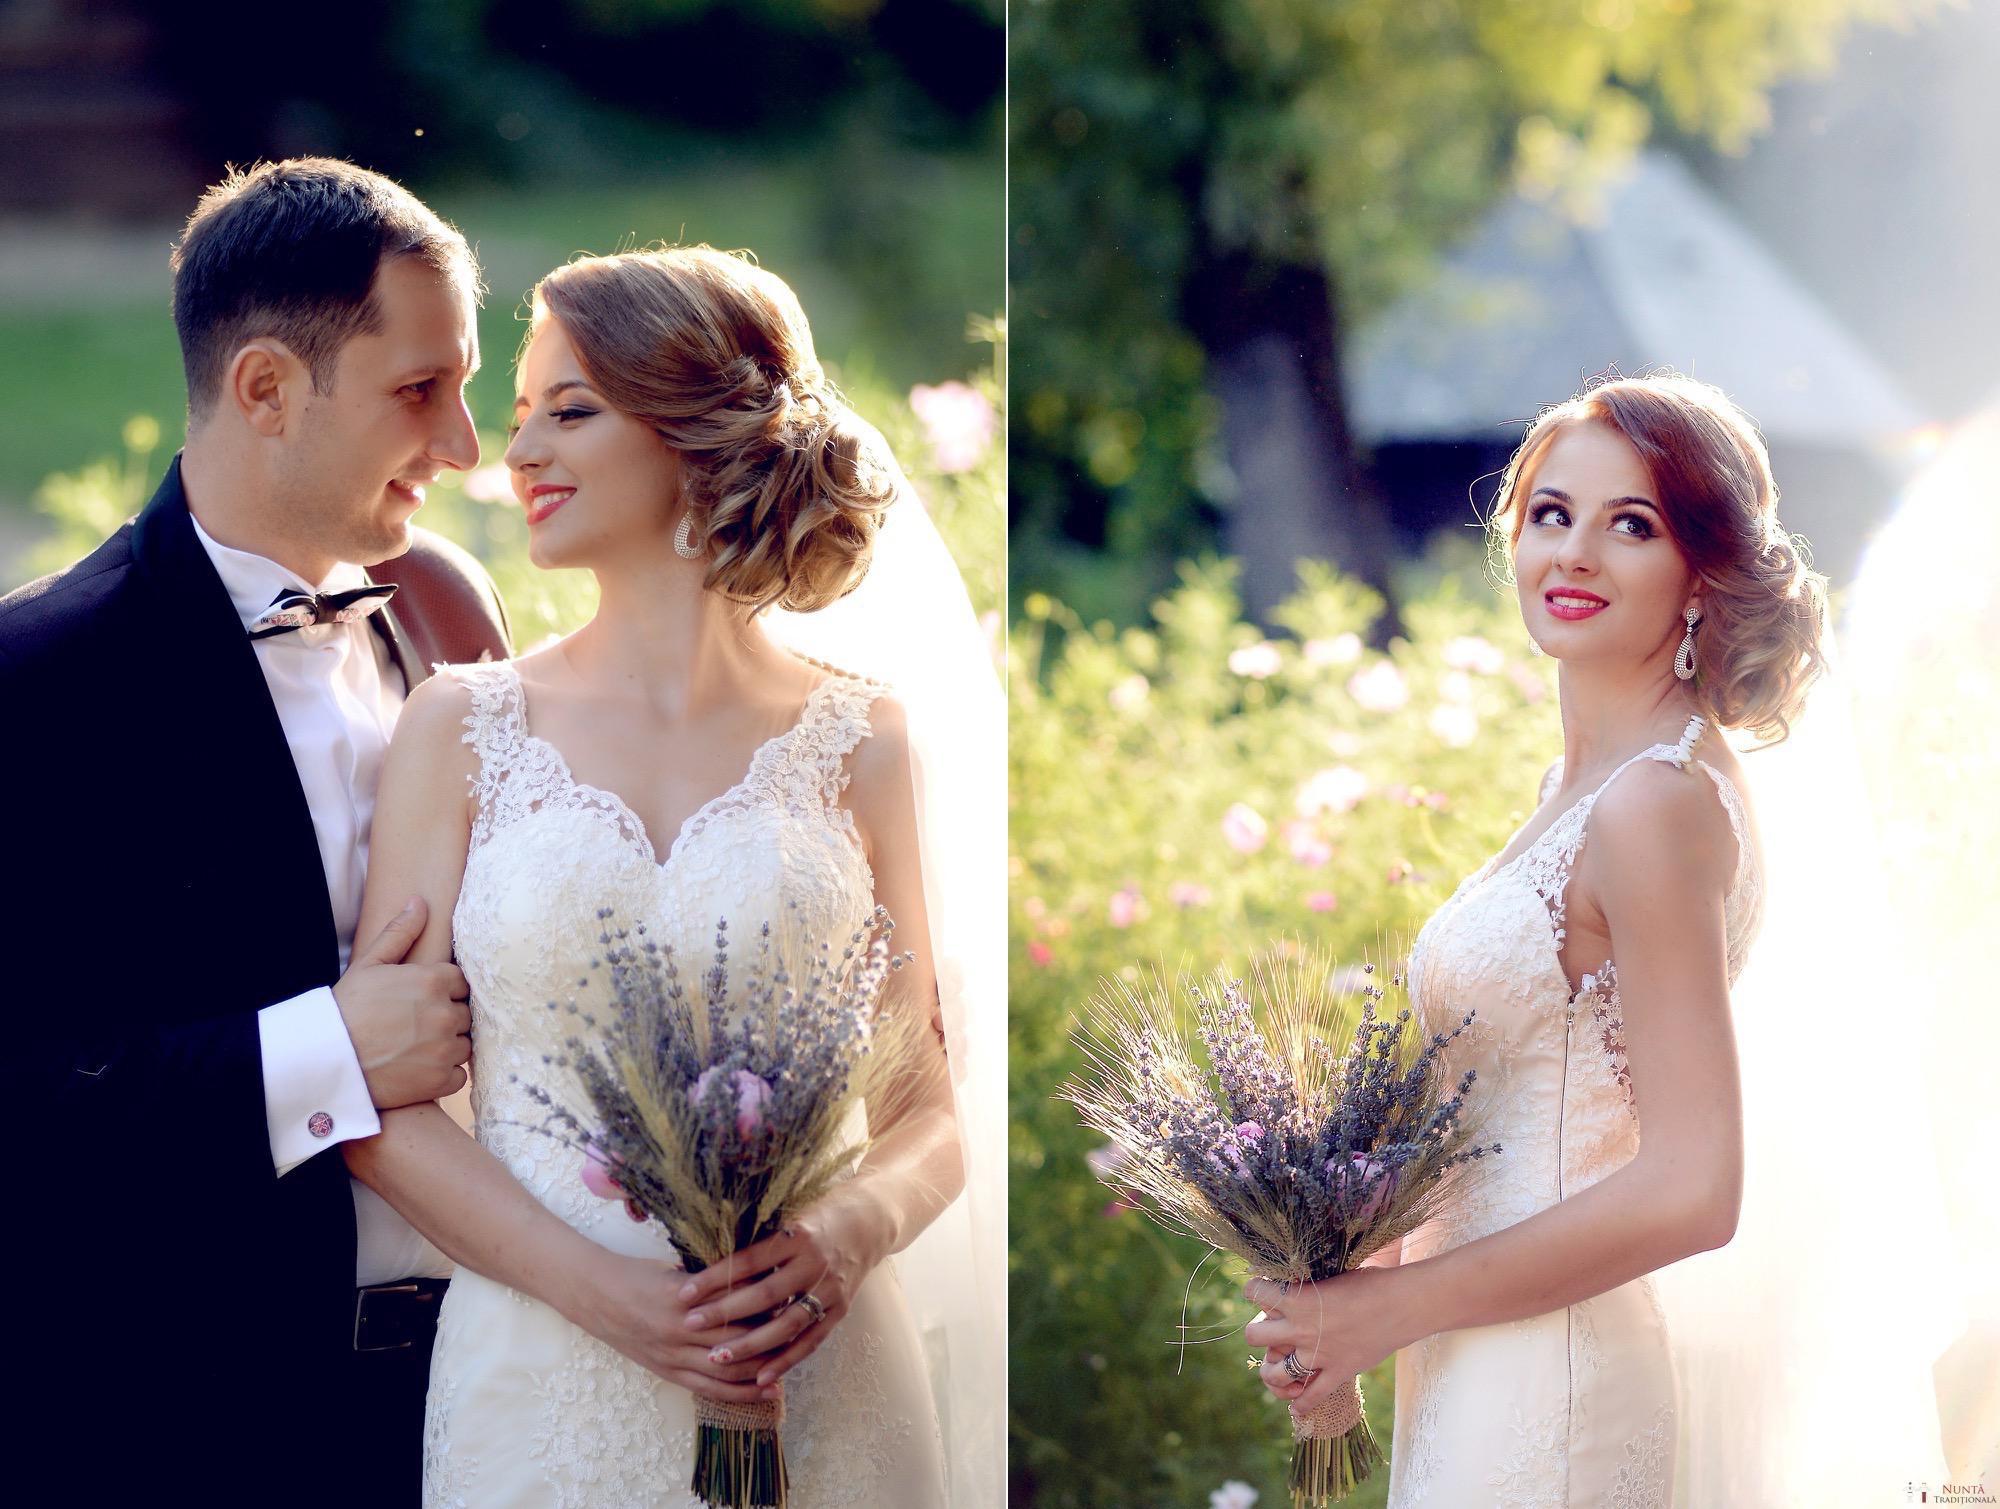 Povești Nunți Tradiționale - Iulia și Andrei. Nuntă tradițională în Bucovina. 78